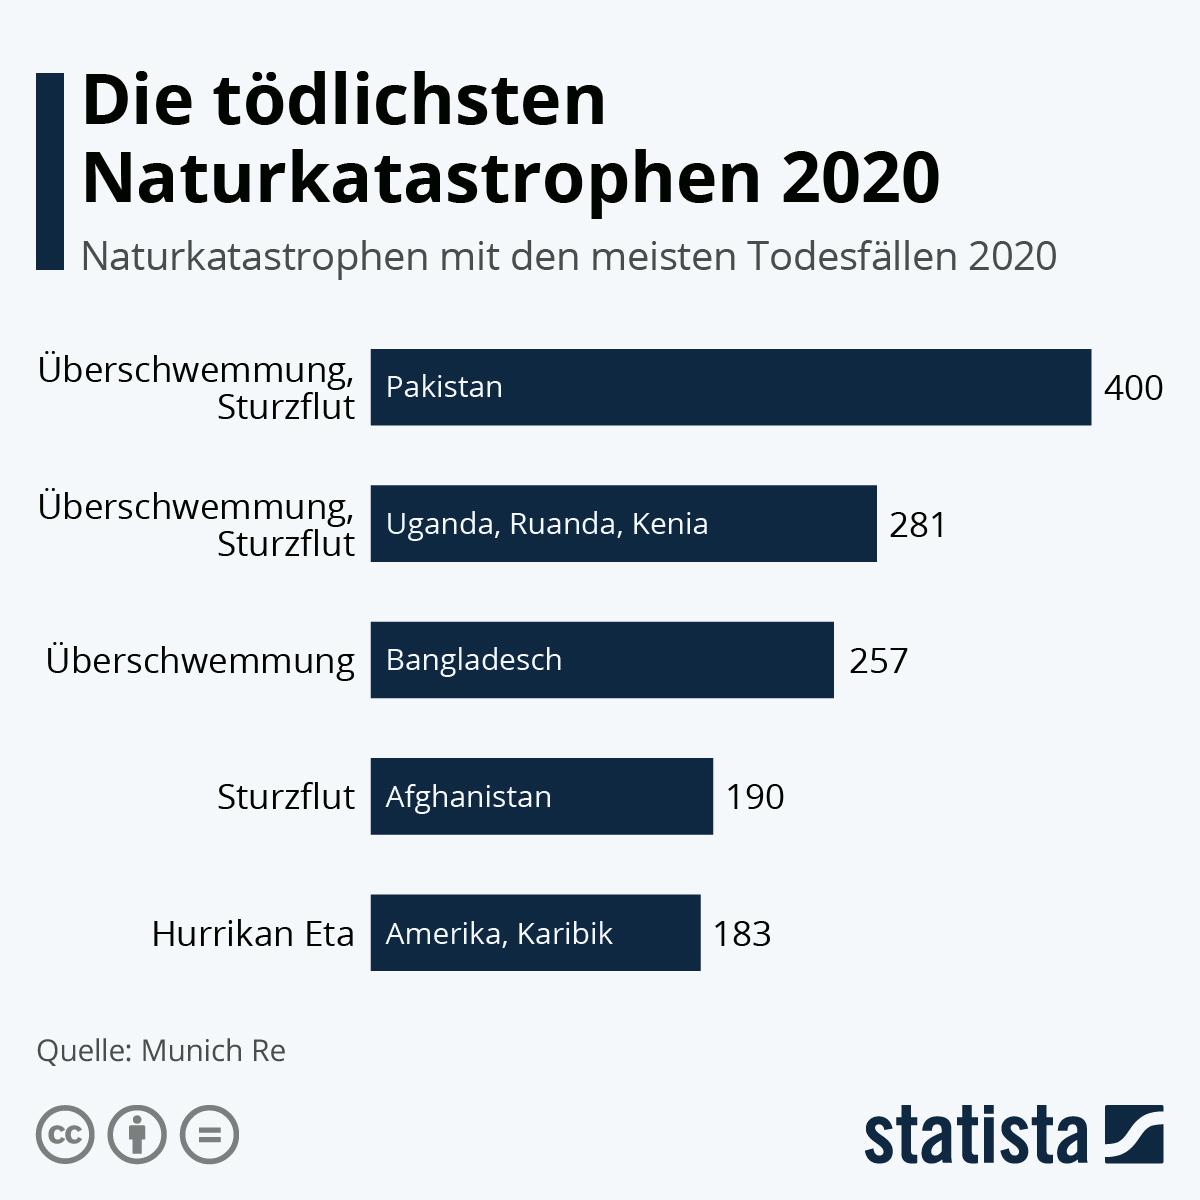 Die tödlichsten Naturkatastrophen 2020 | Statista